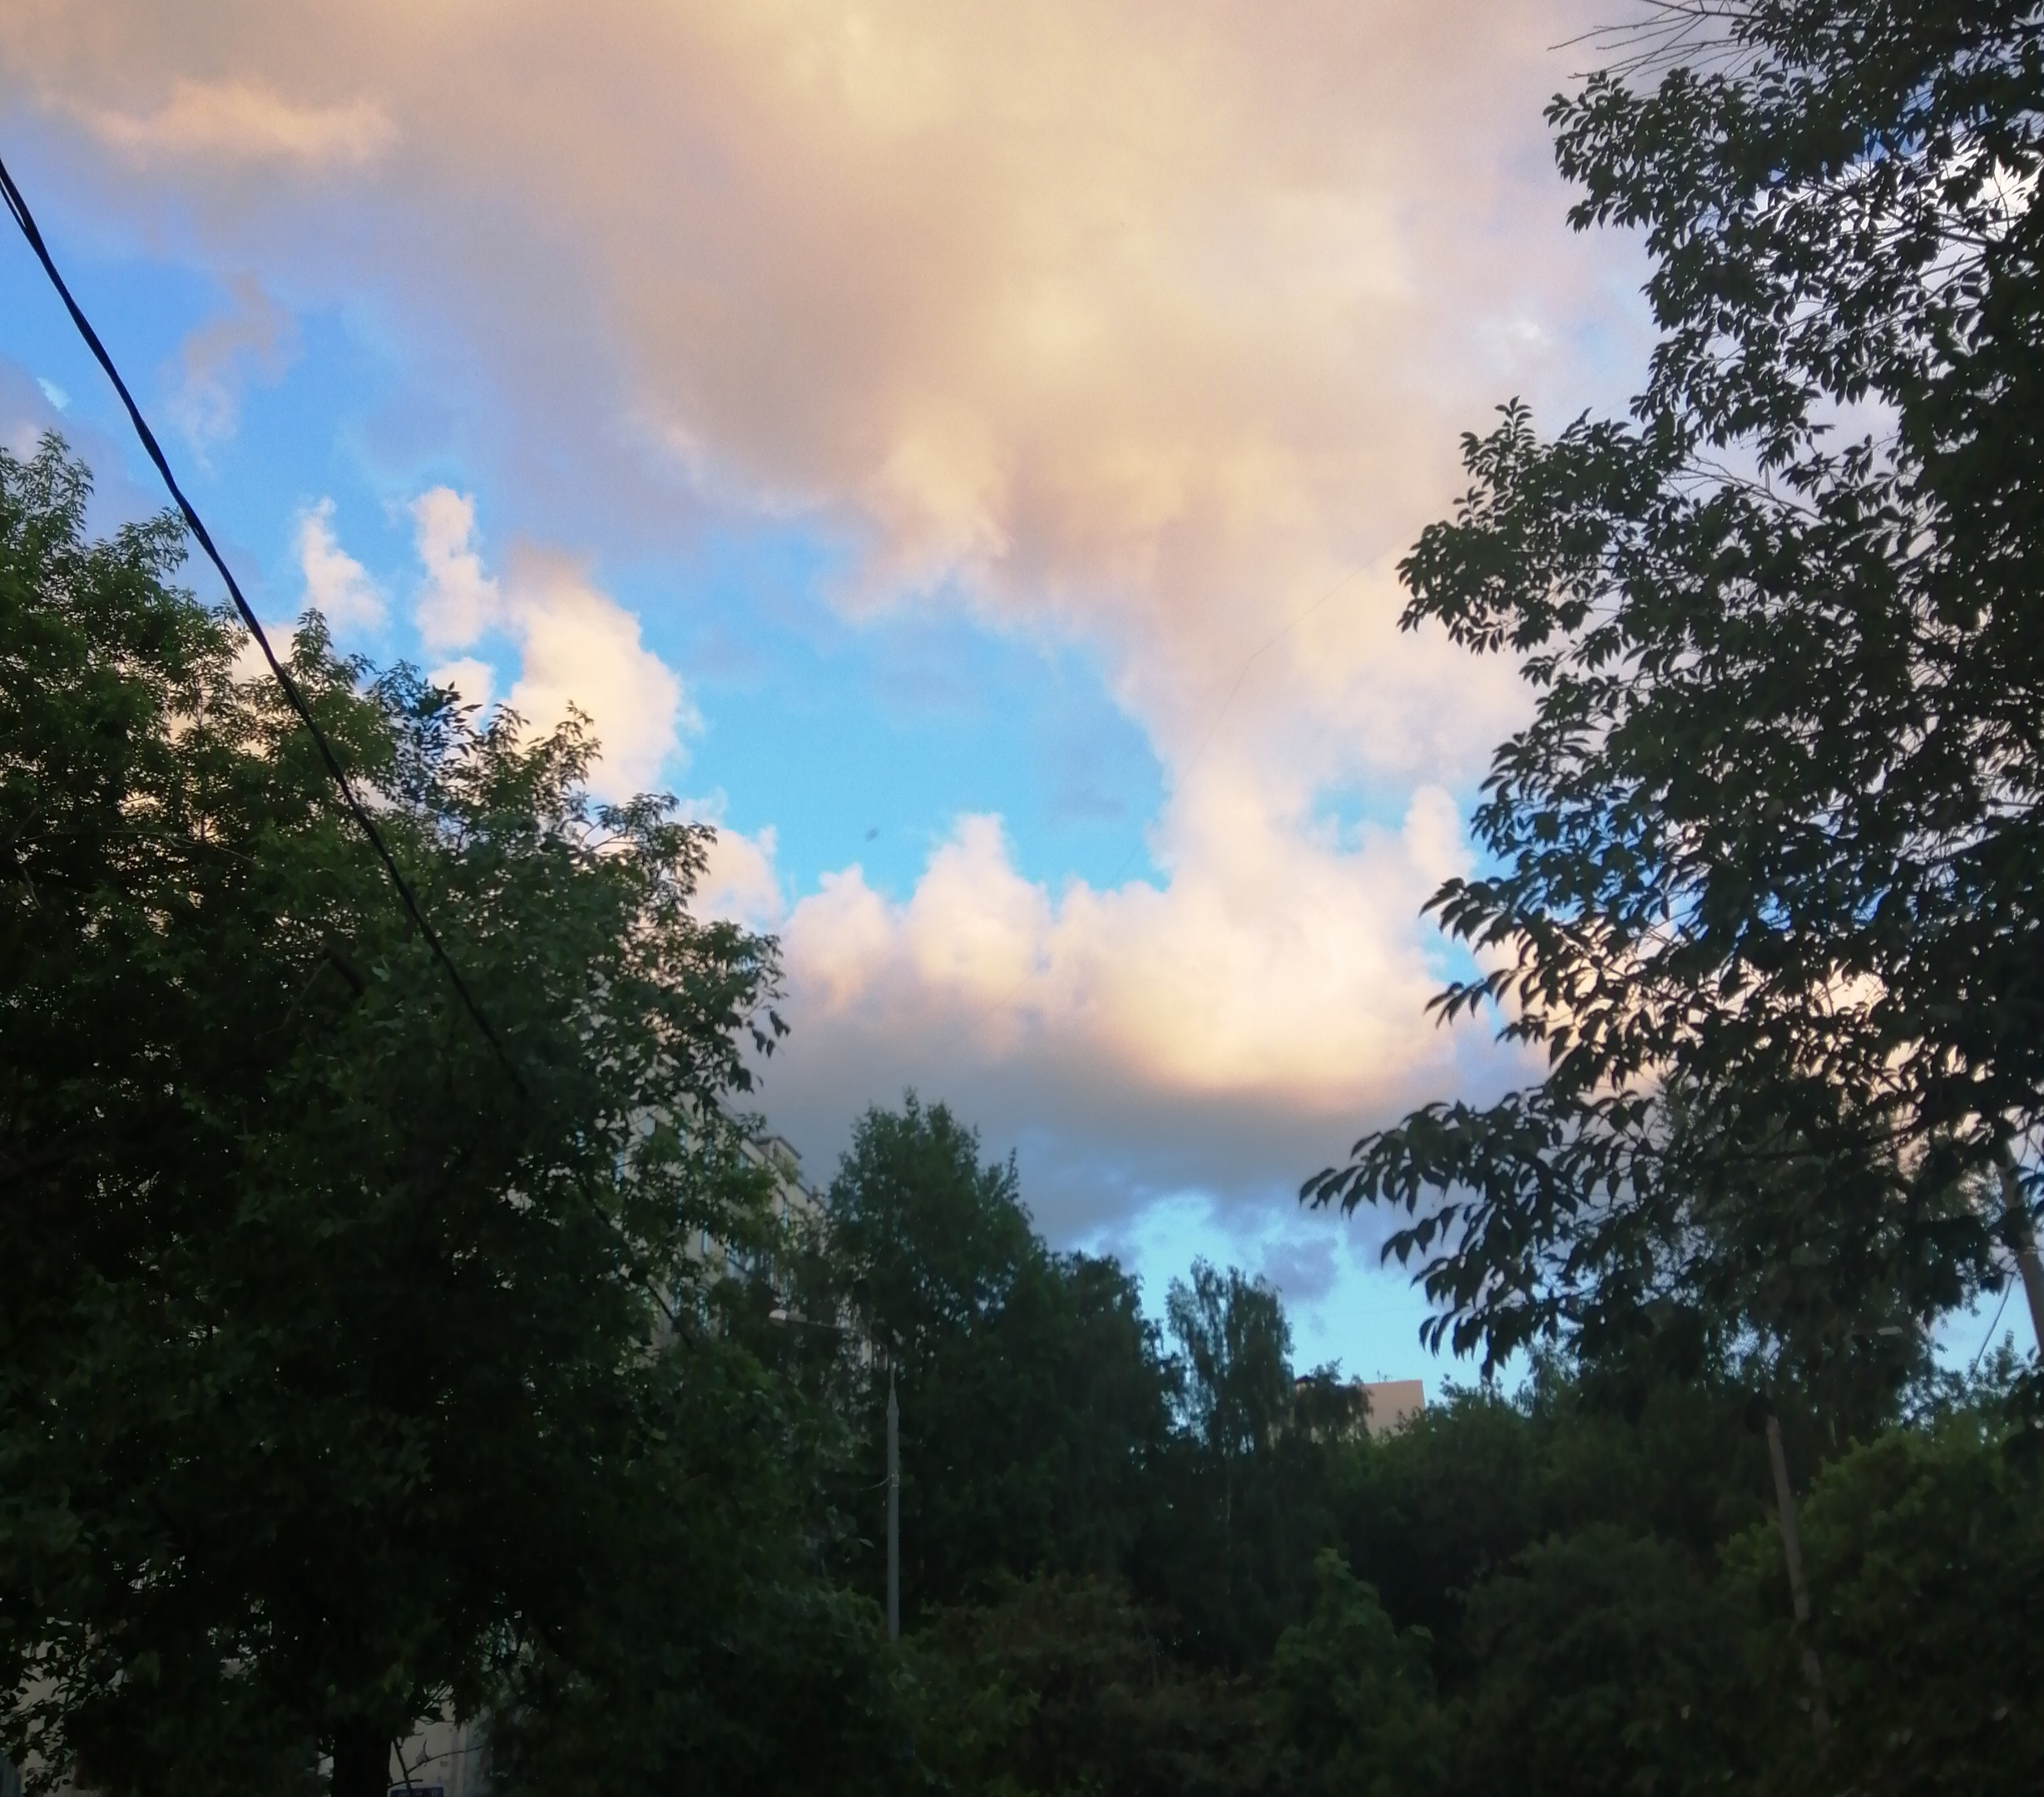 af205280c71a Благо Шаттен предложил гулять под зонтами и зонты мы взяли, но уже зря,  просто носили их в руках. Небо очень красивого цвета после дождя.